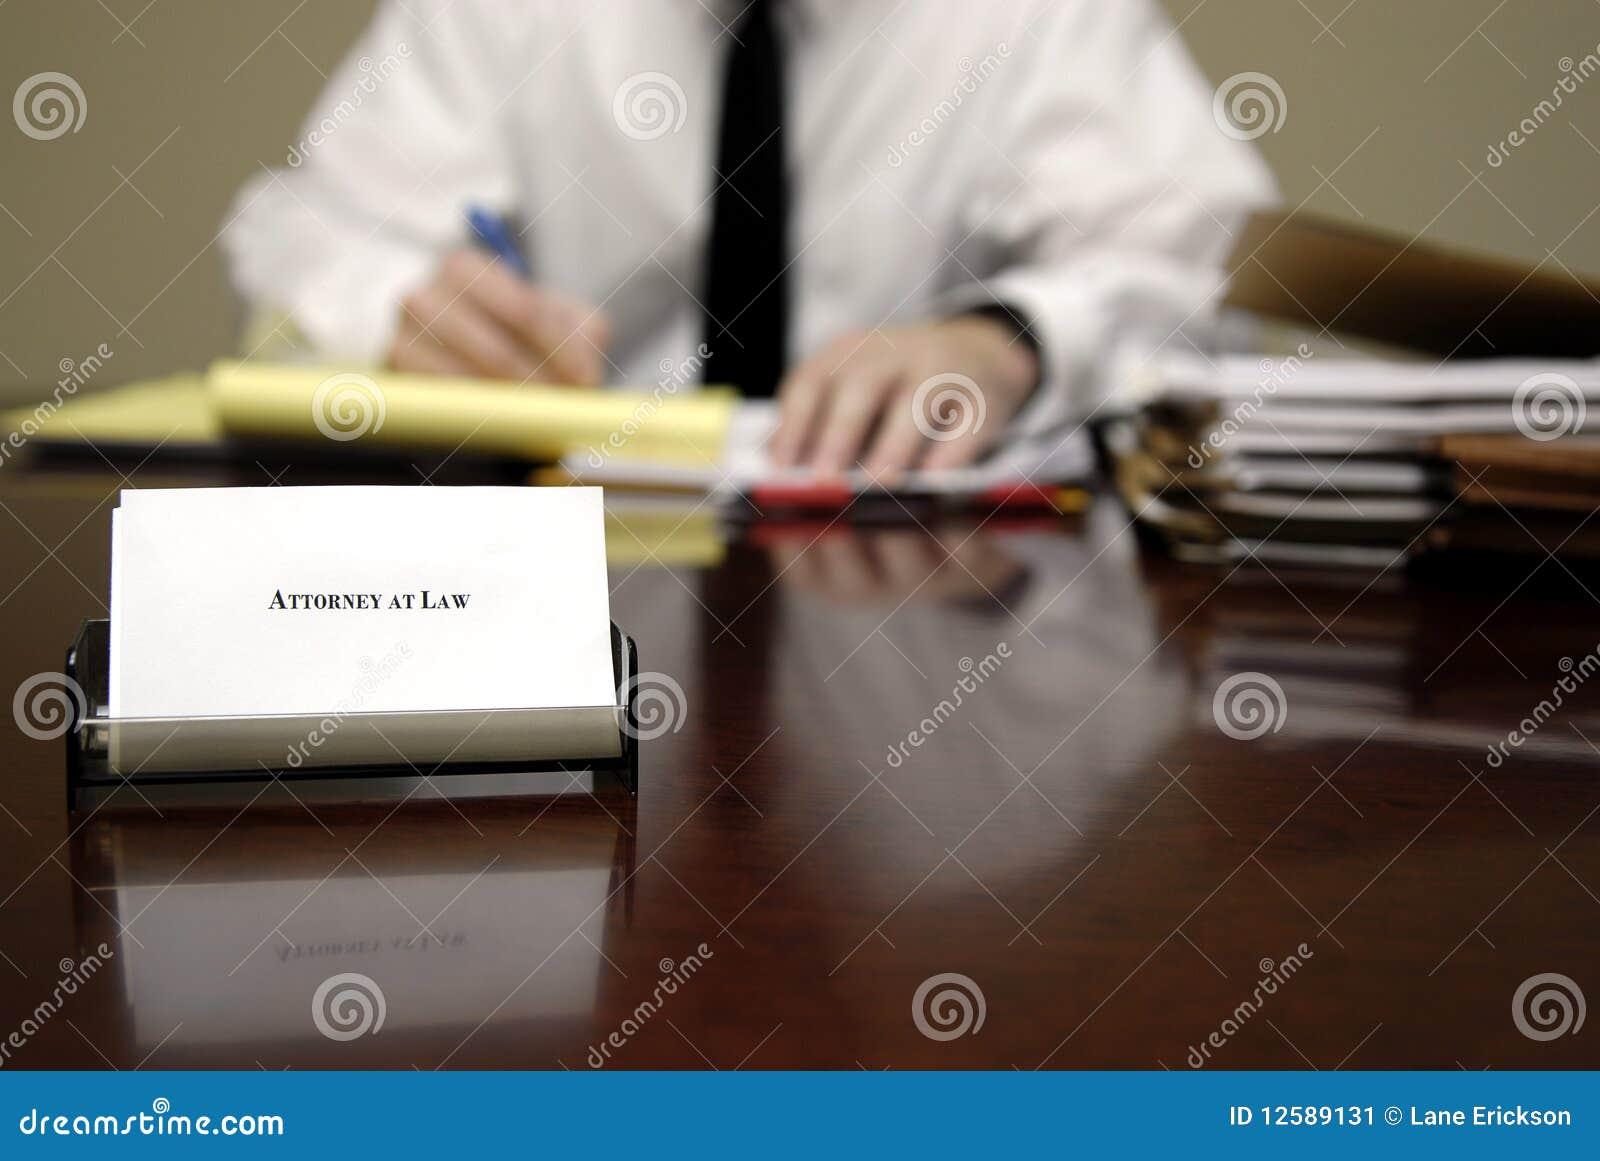 Abogado en el escritorio imagen de archivo imagen 12589131 for Escritorio de abogado